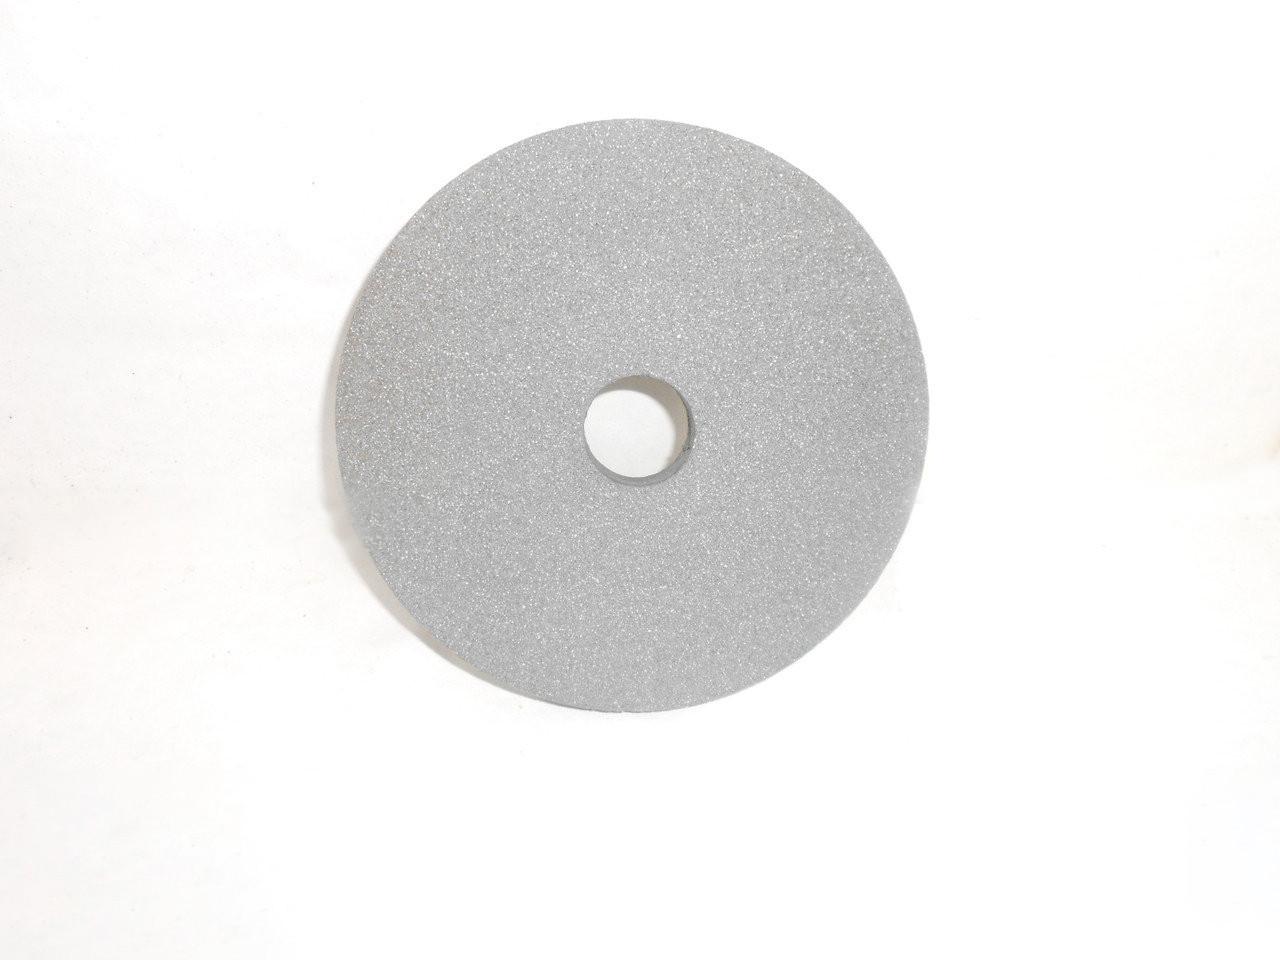 Круг шлифовальный 14А ПП 200х16х32  16-40 СМ-СТ